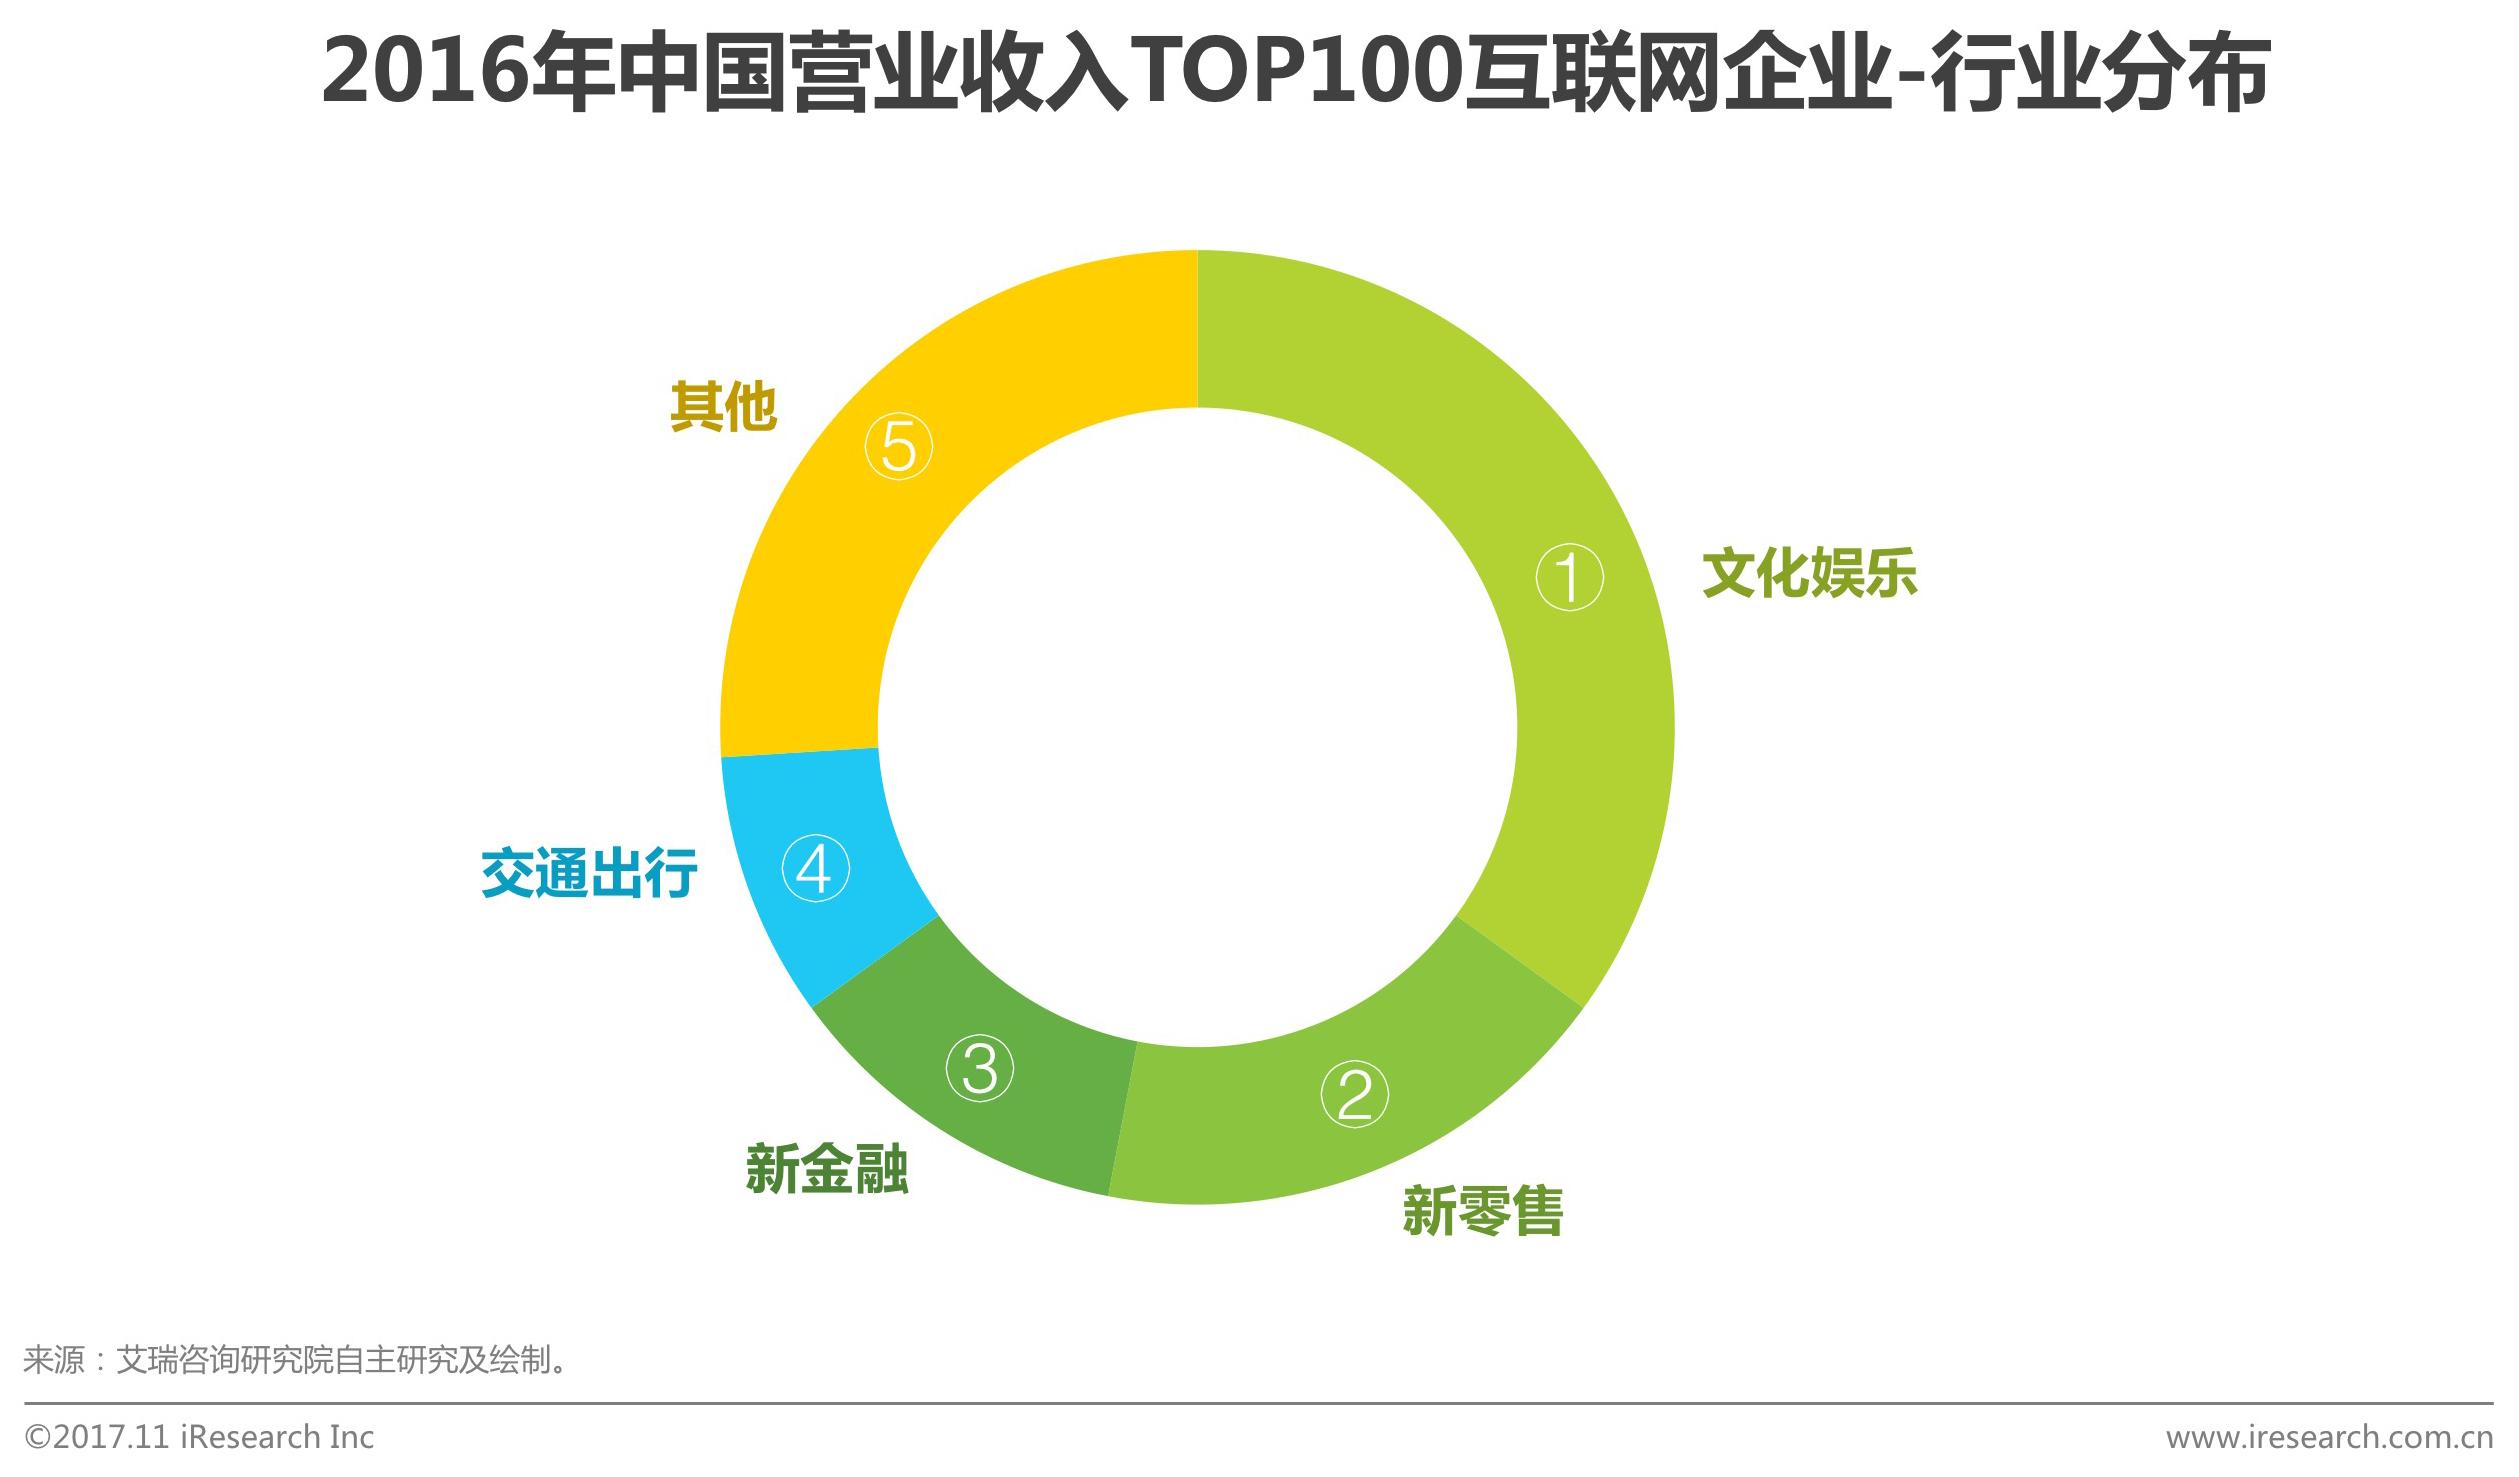 2016年中国营业收入TOP100互联网企业行业分布